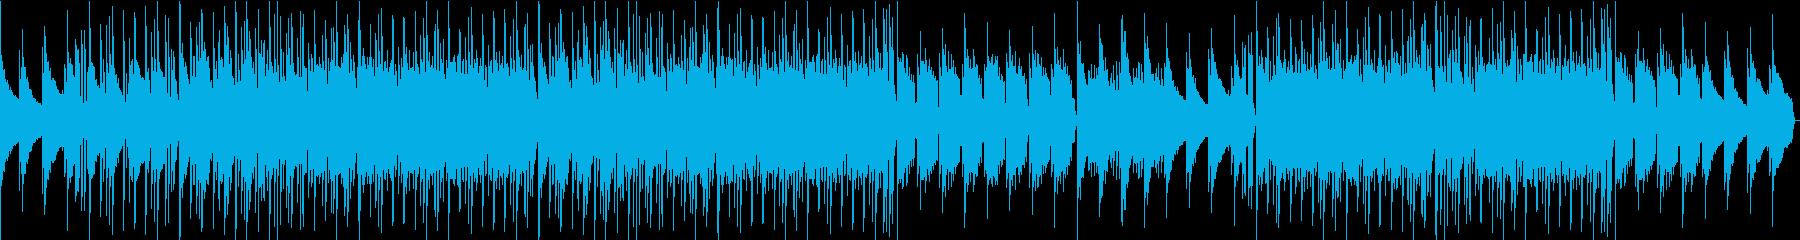 ピアノの音が淡い夜を想像させるチルアウトの再生済みの波形